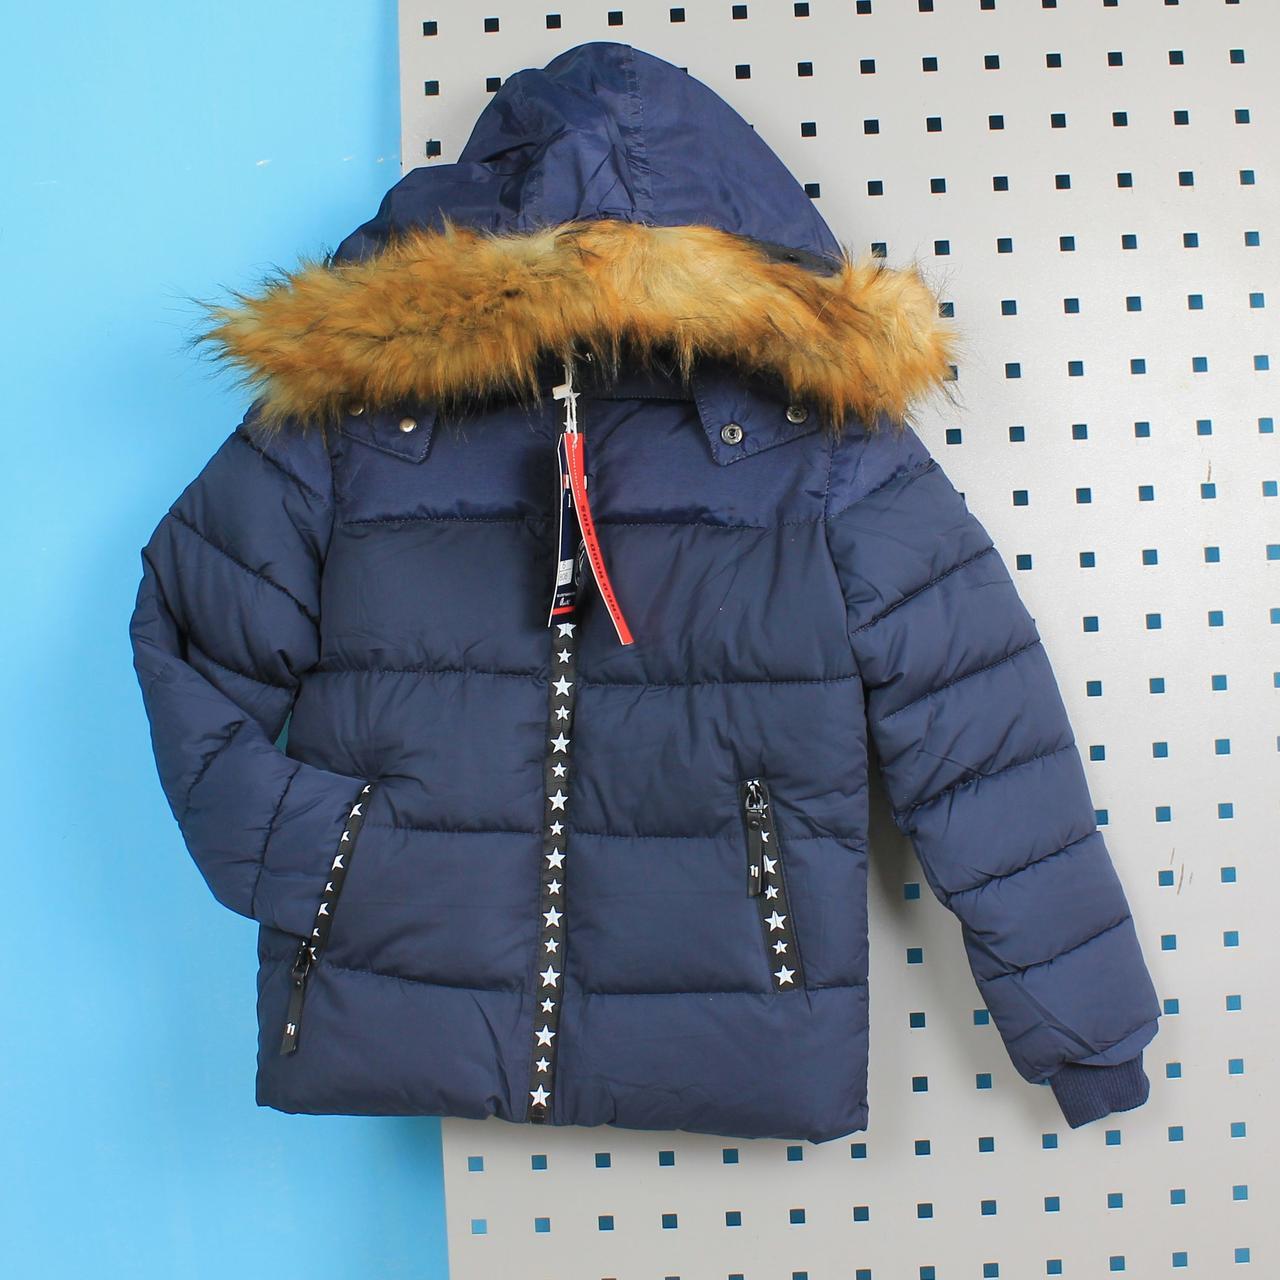 Куртка зимняя для мальчика синяя тм Child Hood размер 4,6 лет